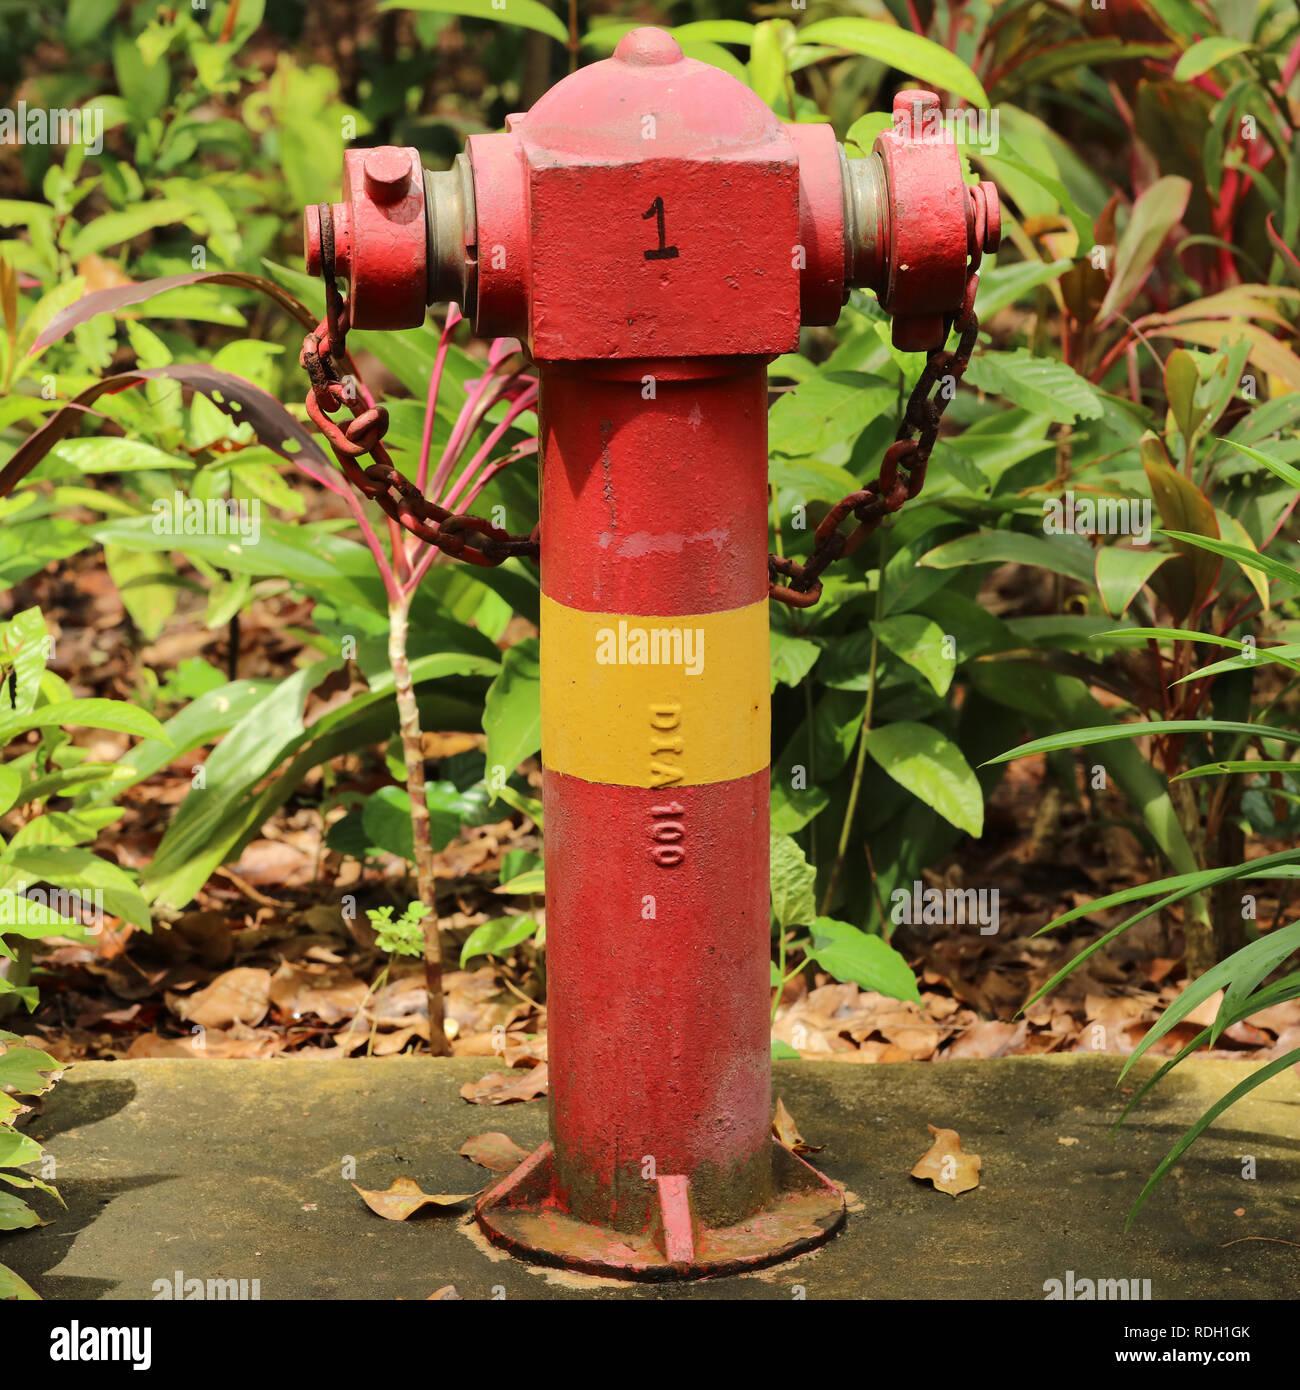 De color rojo con una banda amarilla de hidrantes en Singapur. Este punto de conexión de agua de alta presión se coloca por encima del suelo y fácilmente accesible. Imagen De Stock